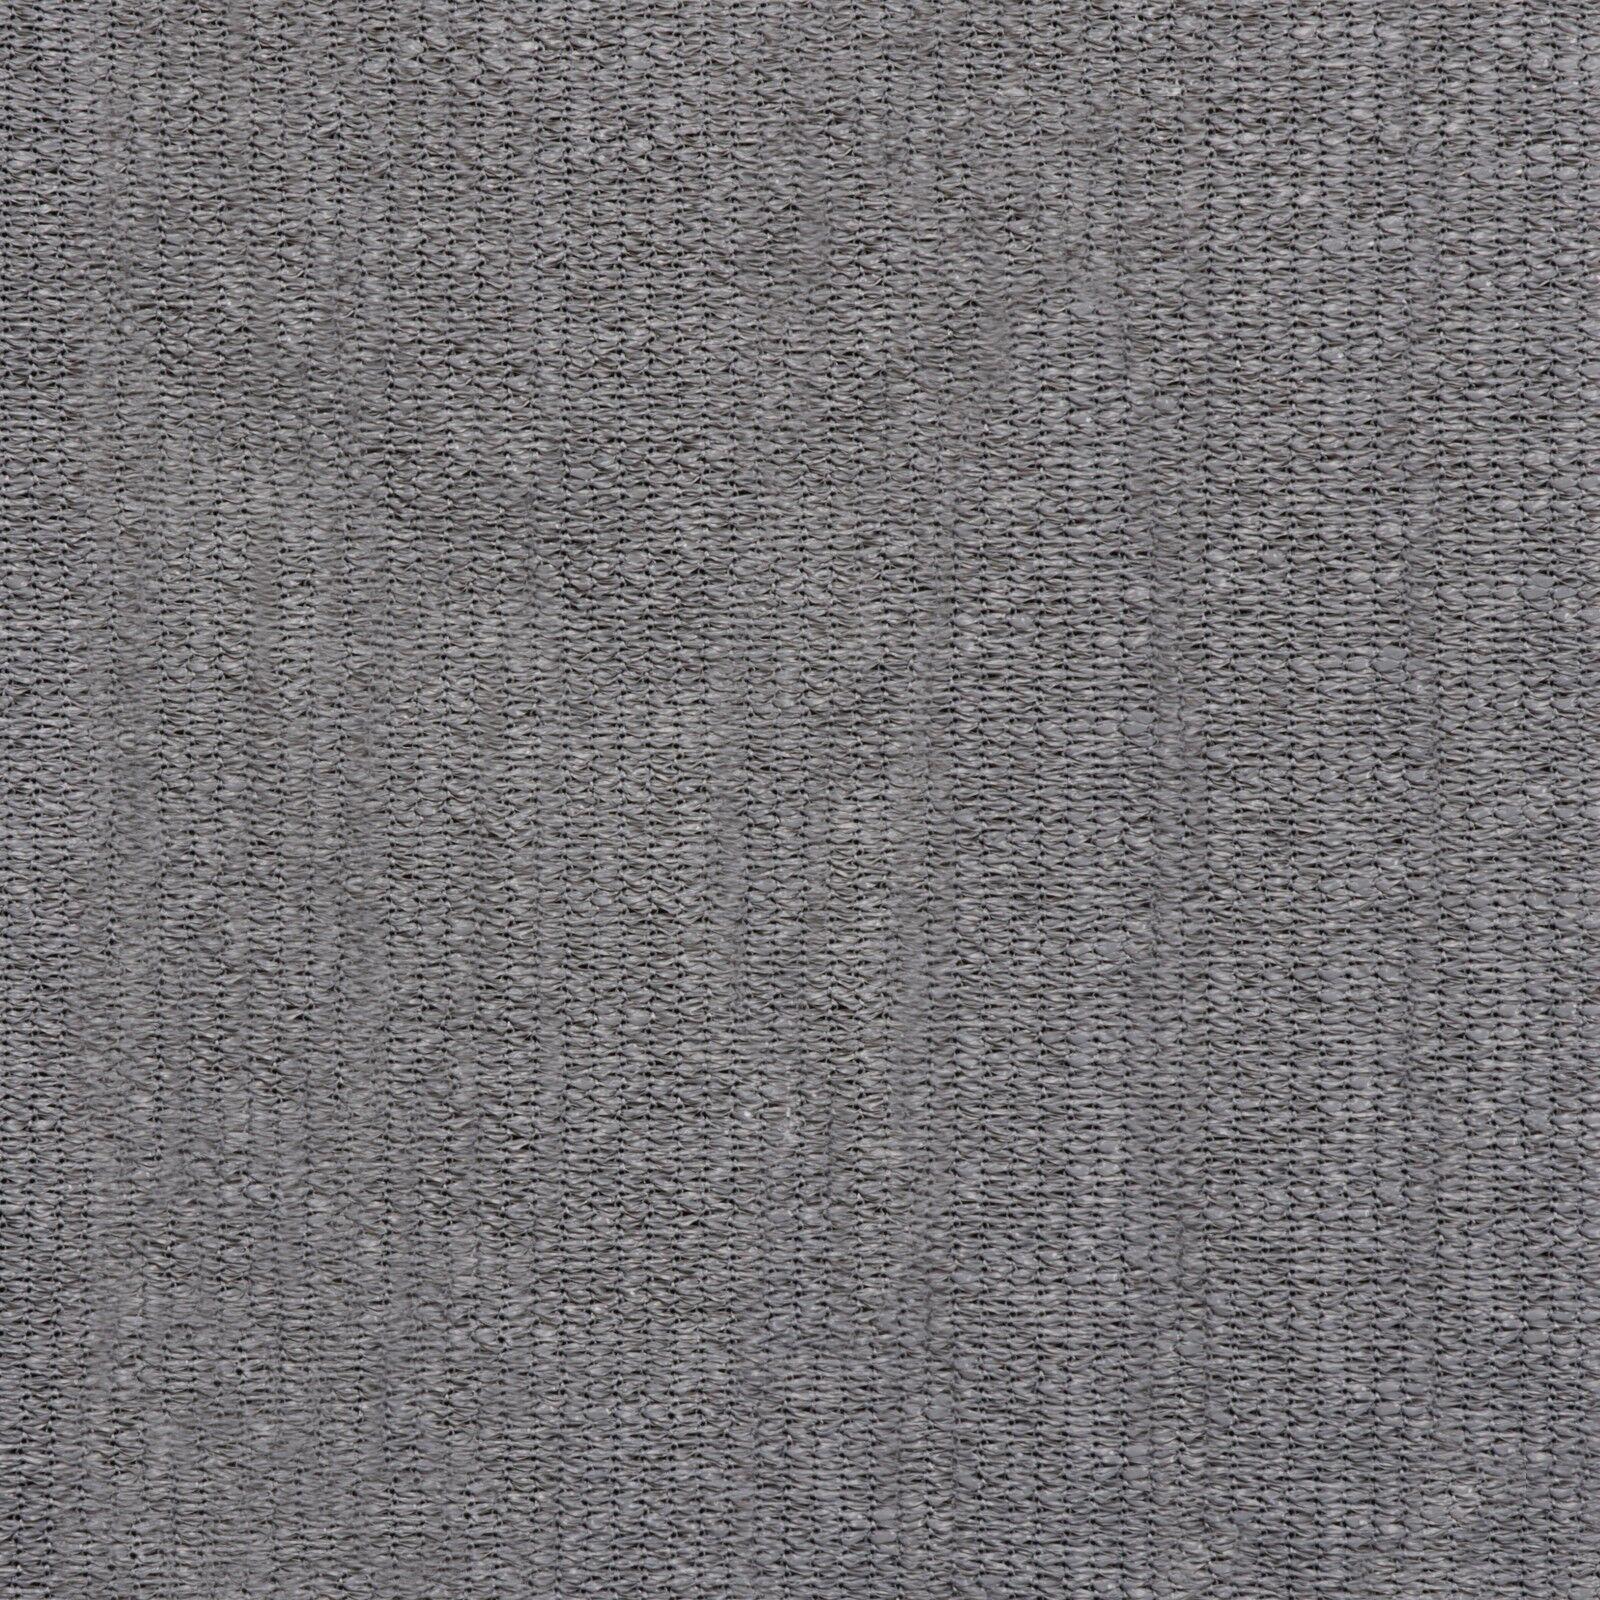 g nstiger balkonsichtschutz sichtschutz balkonsichtschutz balkonschutz grau eur 9 99 picclick de. Black Bedroom Furniture Sets. Home Design Ideas